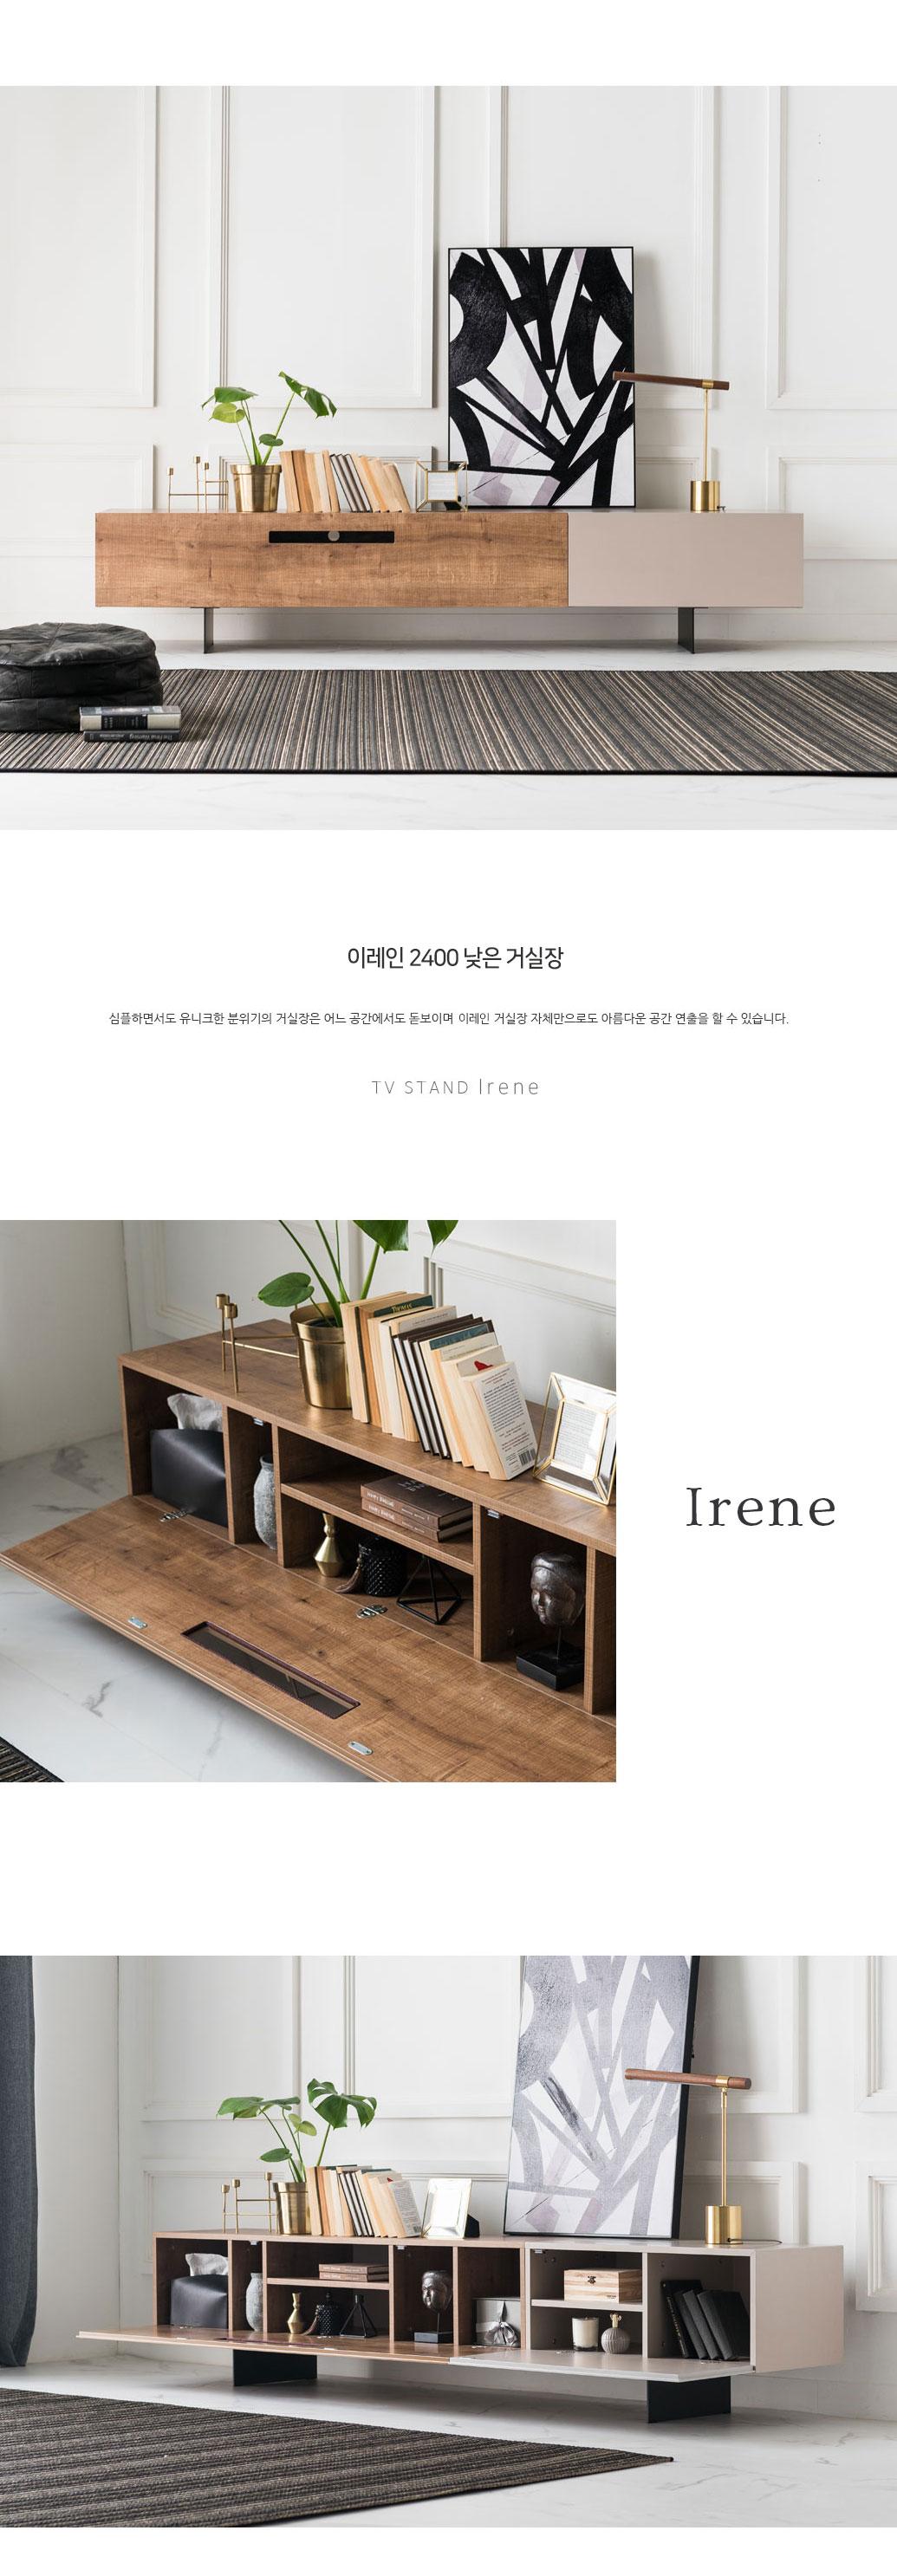 Irene_low_02.jpg